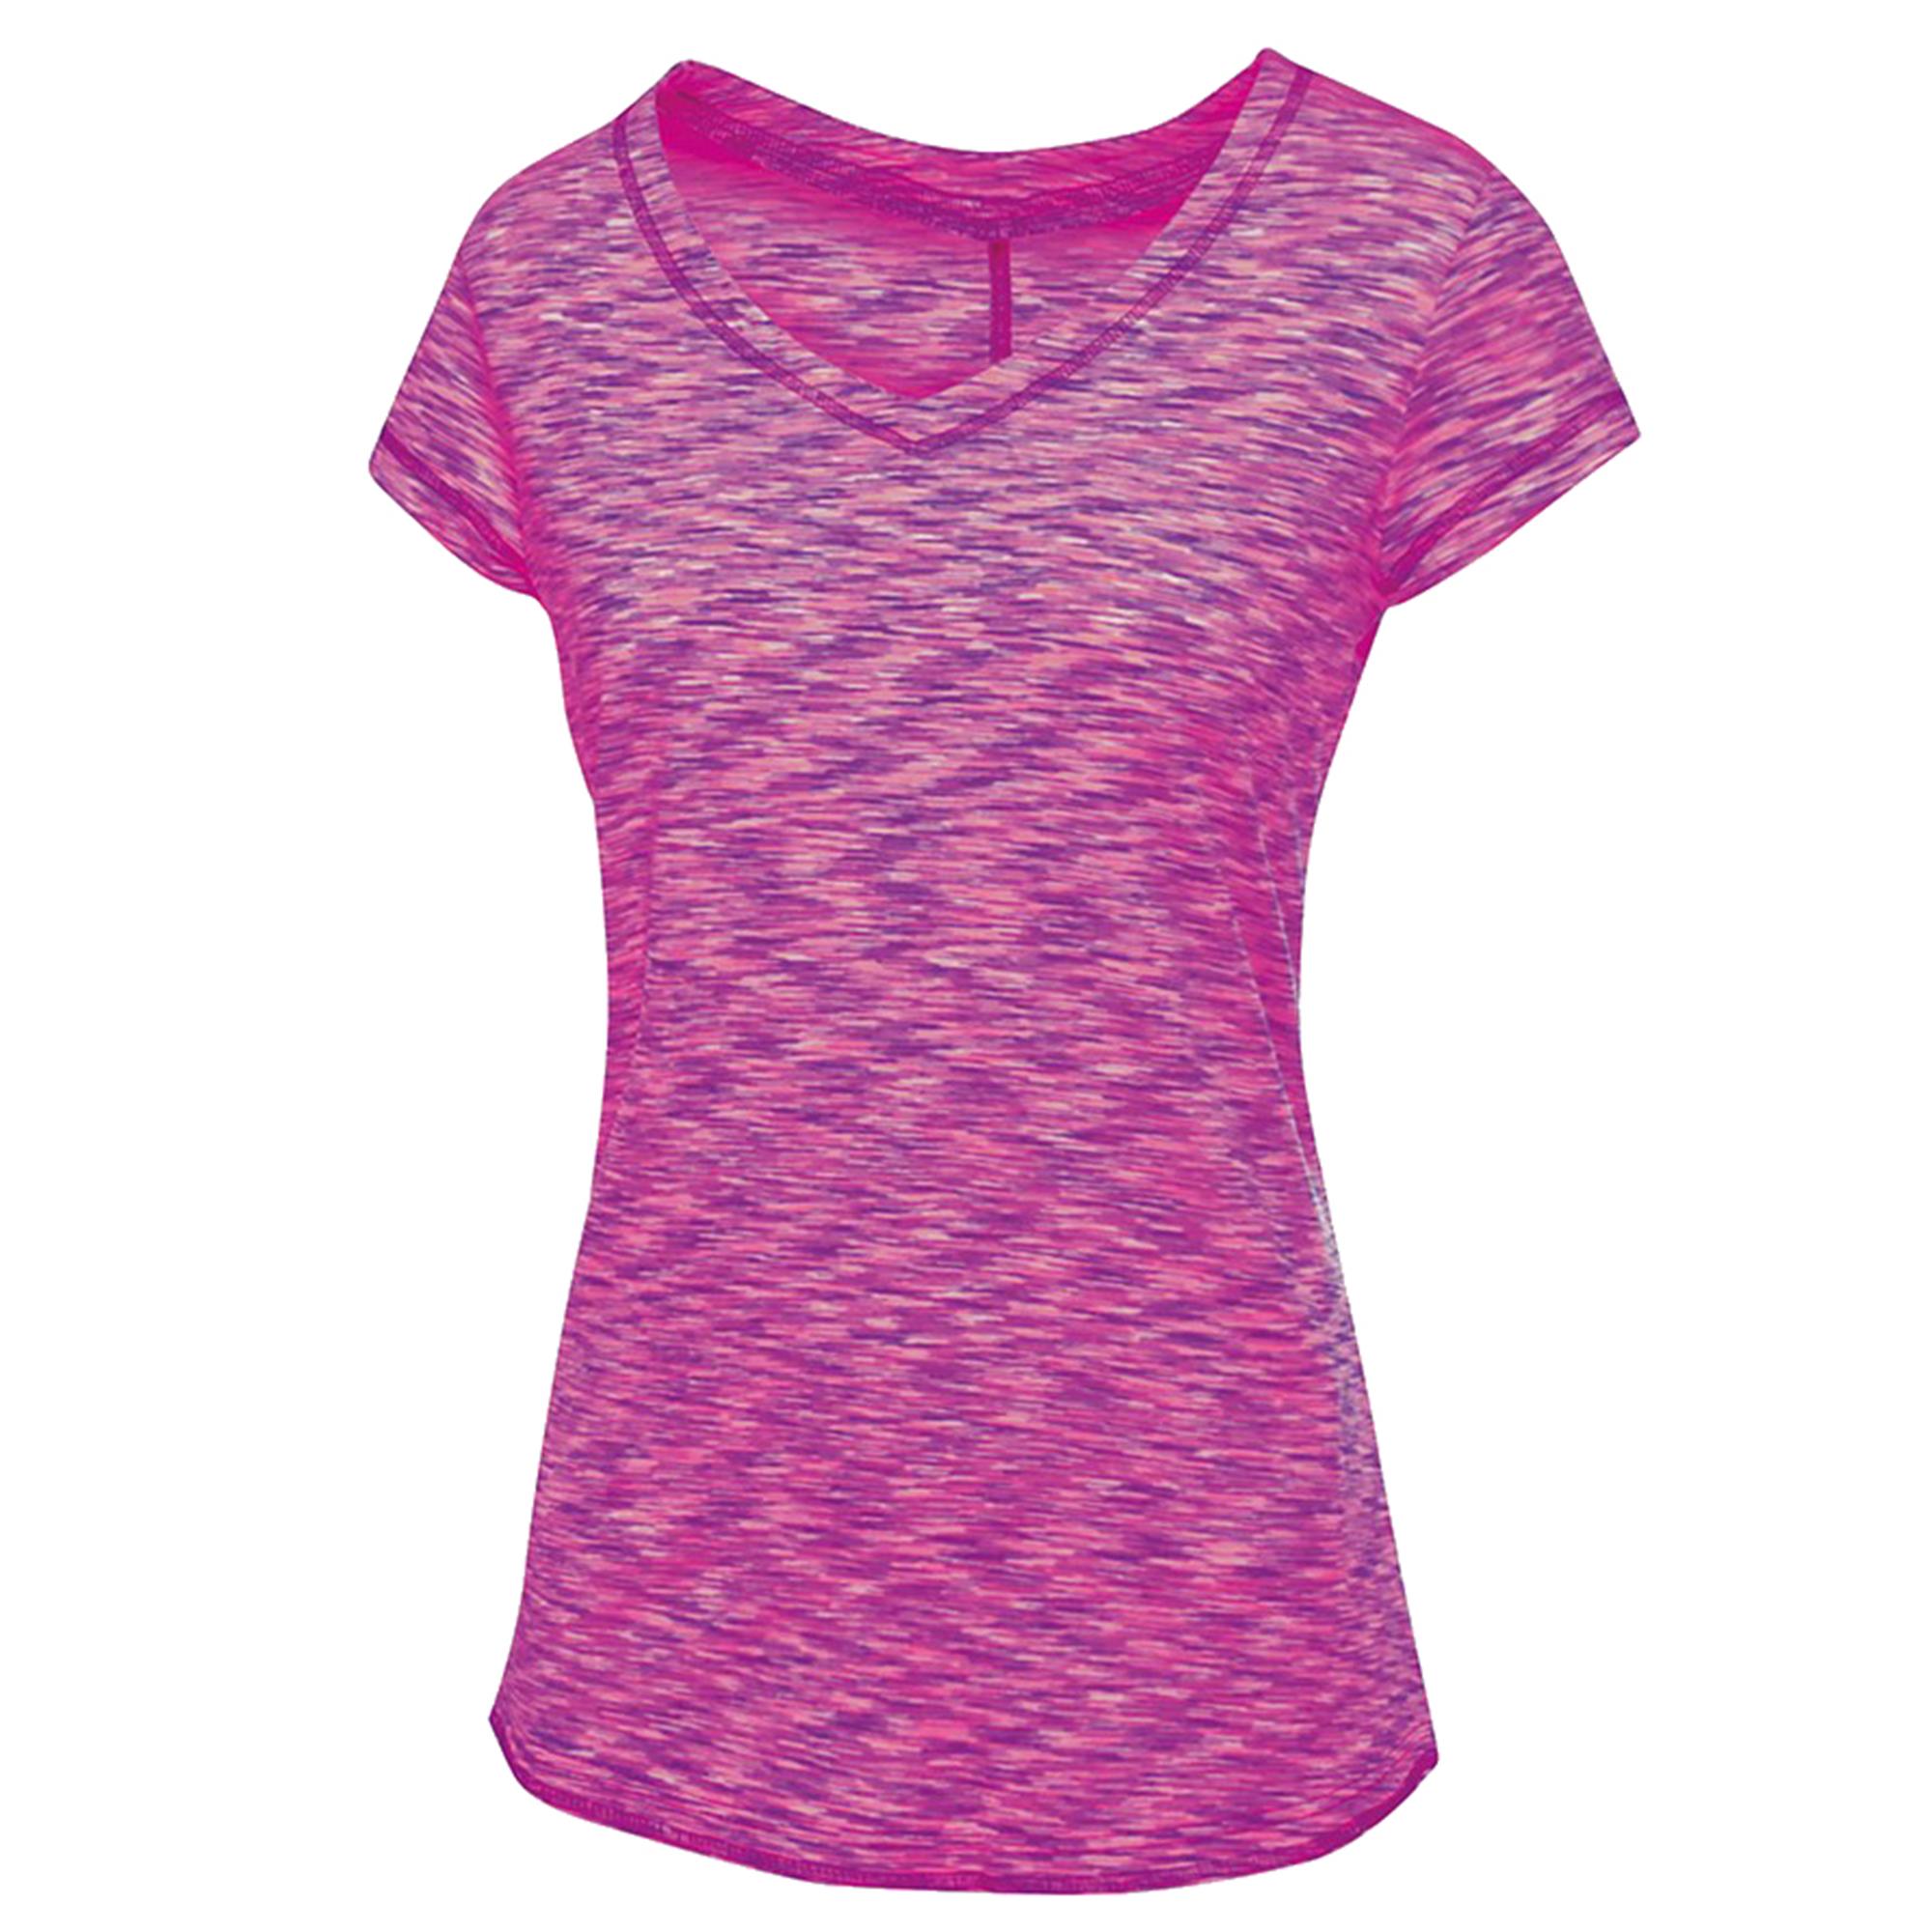 Regatta-Activewear-Camiseta-deportiva-con-cuello-en-V-modelo-Ashrama-para-muje